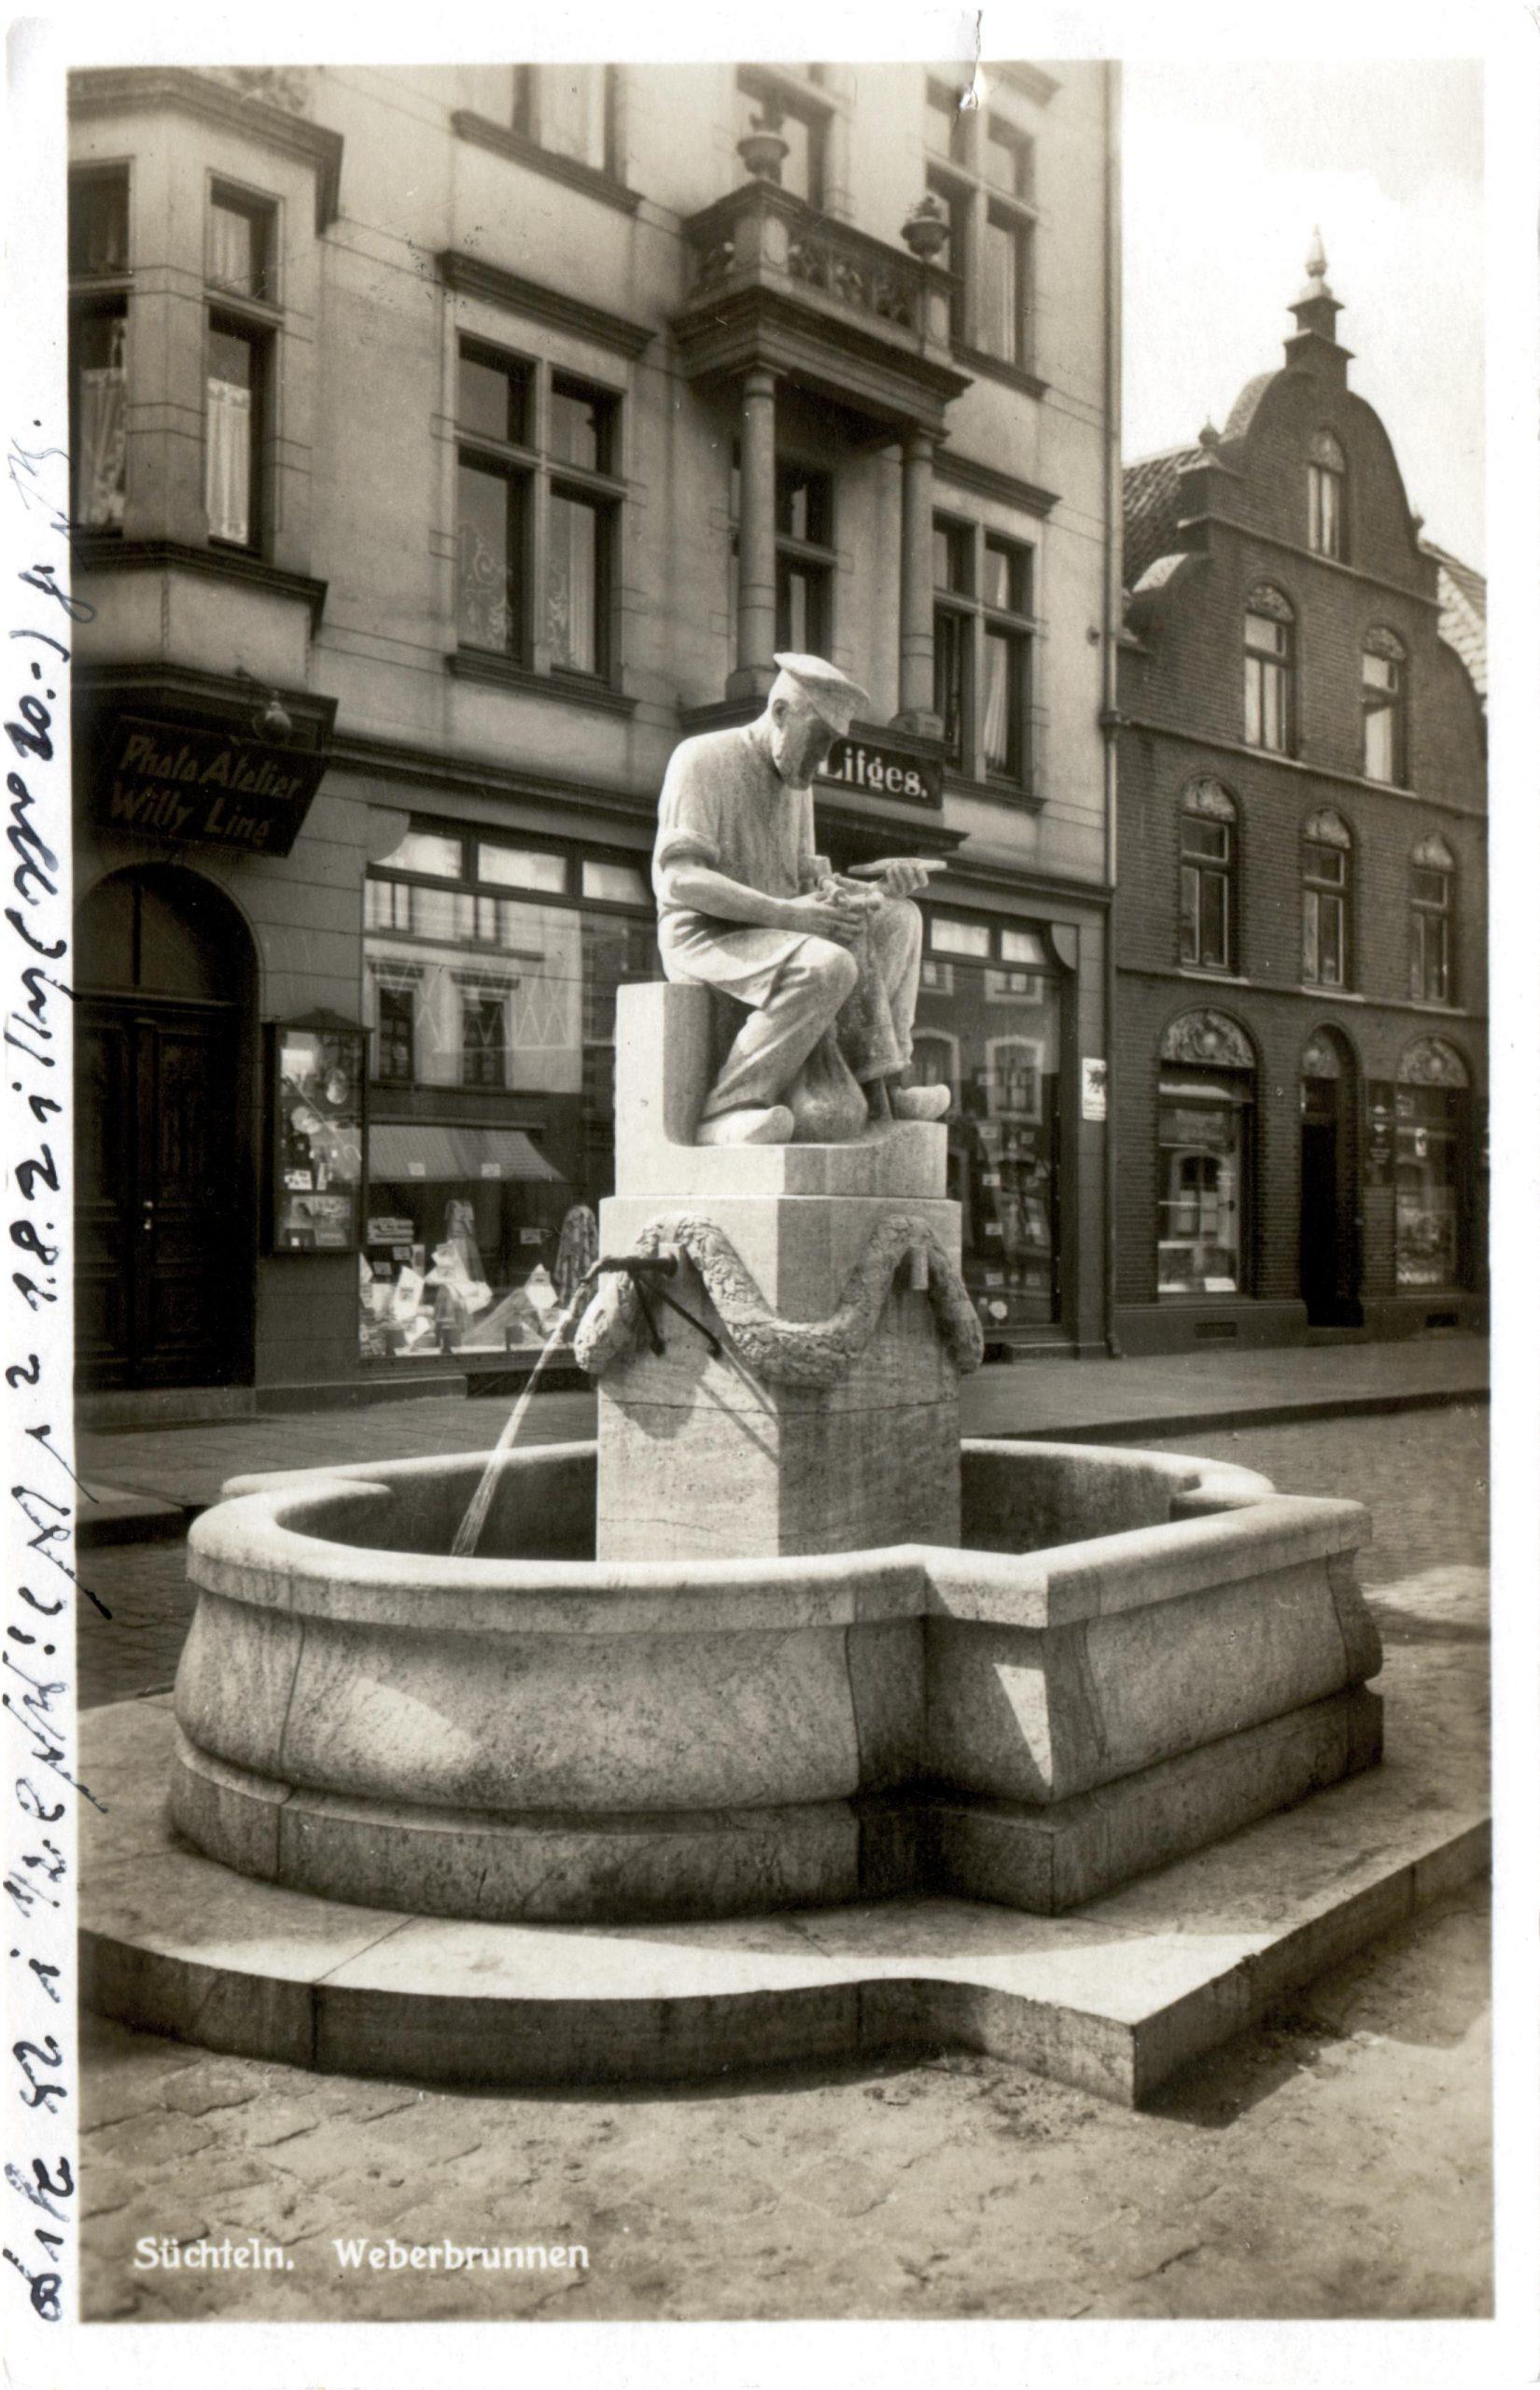 """Weberbrunnen in Süchteln um 1921. Im Hintergrund befand sich das Ladenlokal der Familie Lifges. In dem Gebäude findet man heute ein Geschäft der Kette """"ernstings family"""".; Quelle: Kreisarchiv"""